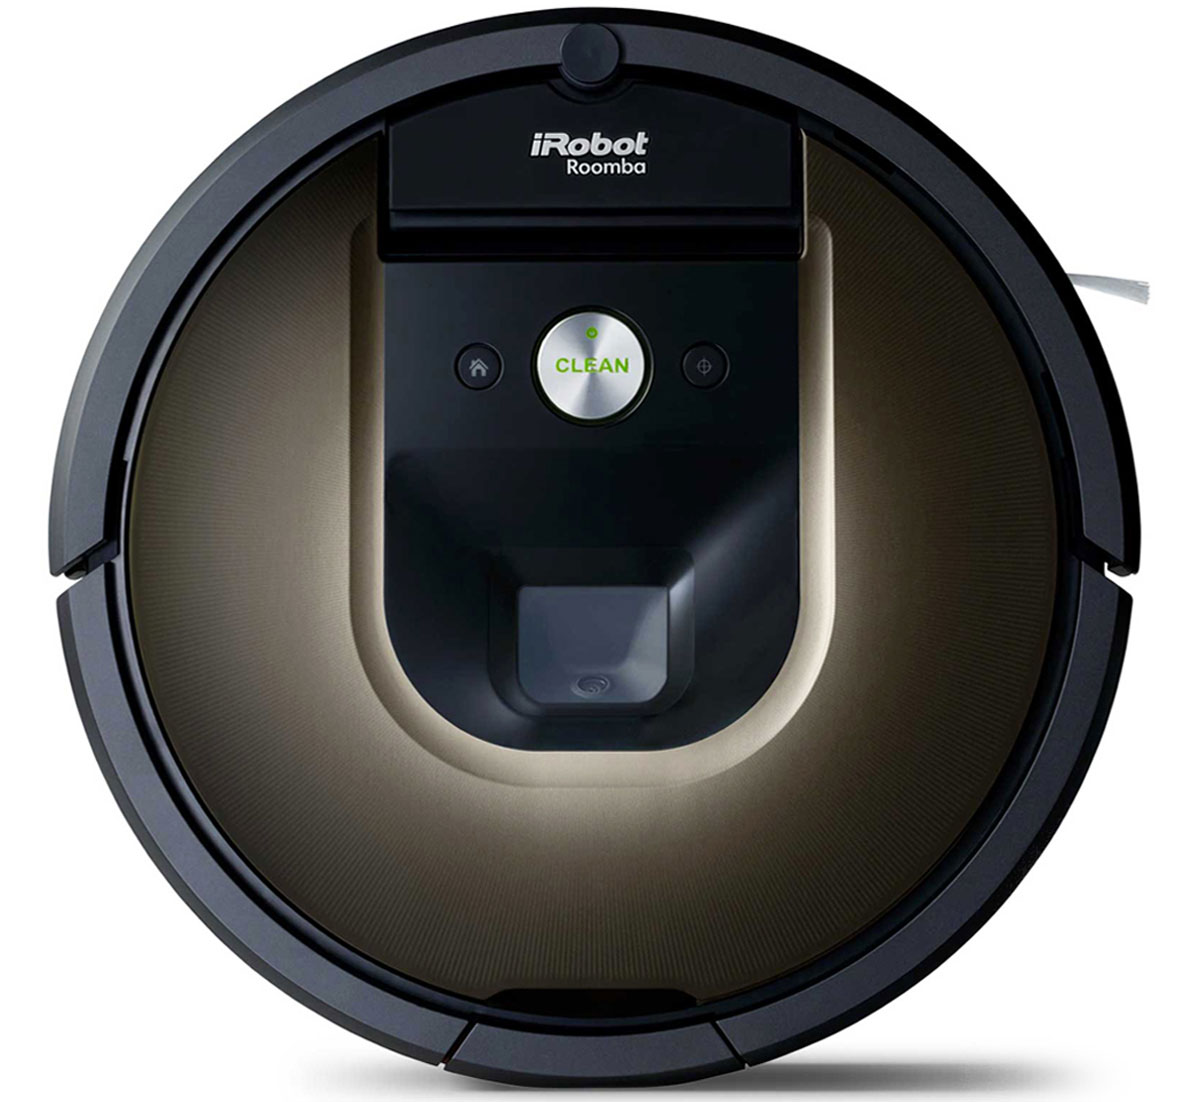 iRobot Roomba 980 робот-пылесосRoomba 980iRobot Roomba 980 – ваш новый подход к уборке. Управляйте чисткой полов в вашем доме через смартфон из любой точки мира в любое время. Roomba 980 – первый из семейства Roomba, предназначенный для полностью автономной уборки целого дома.Компактный корпус достаточно небольшой высоты – чуть больше 9 сантиметров, позволяет проникать даже под самые низко стоящие объекты, туда куда обычным пылесосом или шваброй обычно так тяжело залезть. Два подпружиненных колеса обеспечивают отличную маневренность, ведь они оснащены индивидуальными электромоторами, которые работают независимо друг от друга. А значит, Румба способна разворачиваться даже на месте. Кроме этого подпружиненная подвеска ведущих колес обеспечивает преодоление препятствий, порогов, ковров и других объектов высотой больше 5 сантиметров.Робот-пылесос оснащен множеством сенсоров, они определяют тип убираемого покрытия, количество поднятого мусора и степень загрязненности полов. Ключевые сенсоры расположены в переднем бампере за тонированным стеклом, именно они вместе с видеокамерой визуального позиционирования определяют приближение препятствия. Кроме этого, если все же произошел физический контакт с объектом в помещении, то в таком случае подпружиненный бампер смягчает его силу и с помощью специальных сенсоров регистрирующих перемещение бампера робот точно определяет факт столкновения и его направление. Кроме этого, для сохранности предметов и самого робот пылесоса от царапин и повреждений, бампер в нижней выпирающей части имеет специальное прорезиненное покрытие.iRobot Roomba 980 имеет в своем арсенале датчики перепада высоты расположенными на нижней плоскости корпуса, они контролируют убираемую поверхность, и если пылесос заметит резкий перепад высота (например, ступеньки или другой обрыв), то он остановится и продолжит уборку в другом направлении. Система работает очень эффективно, Roomba никогда не упадет со ступенек и даже способна убирать на шкафах, столах или других 